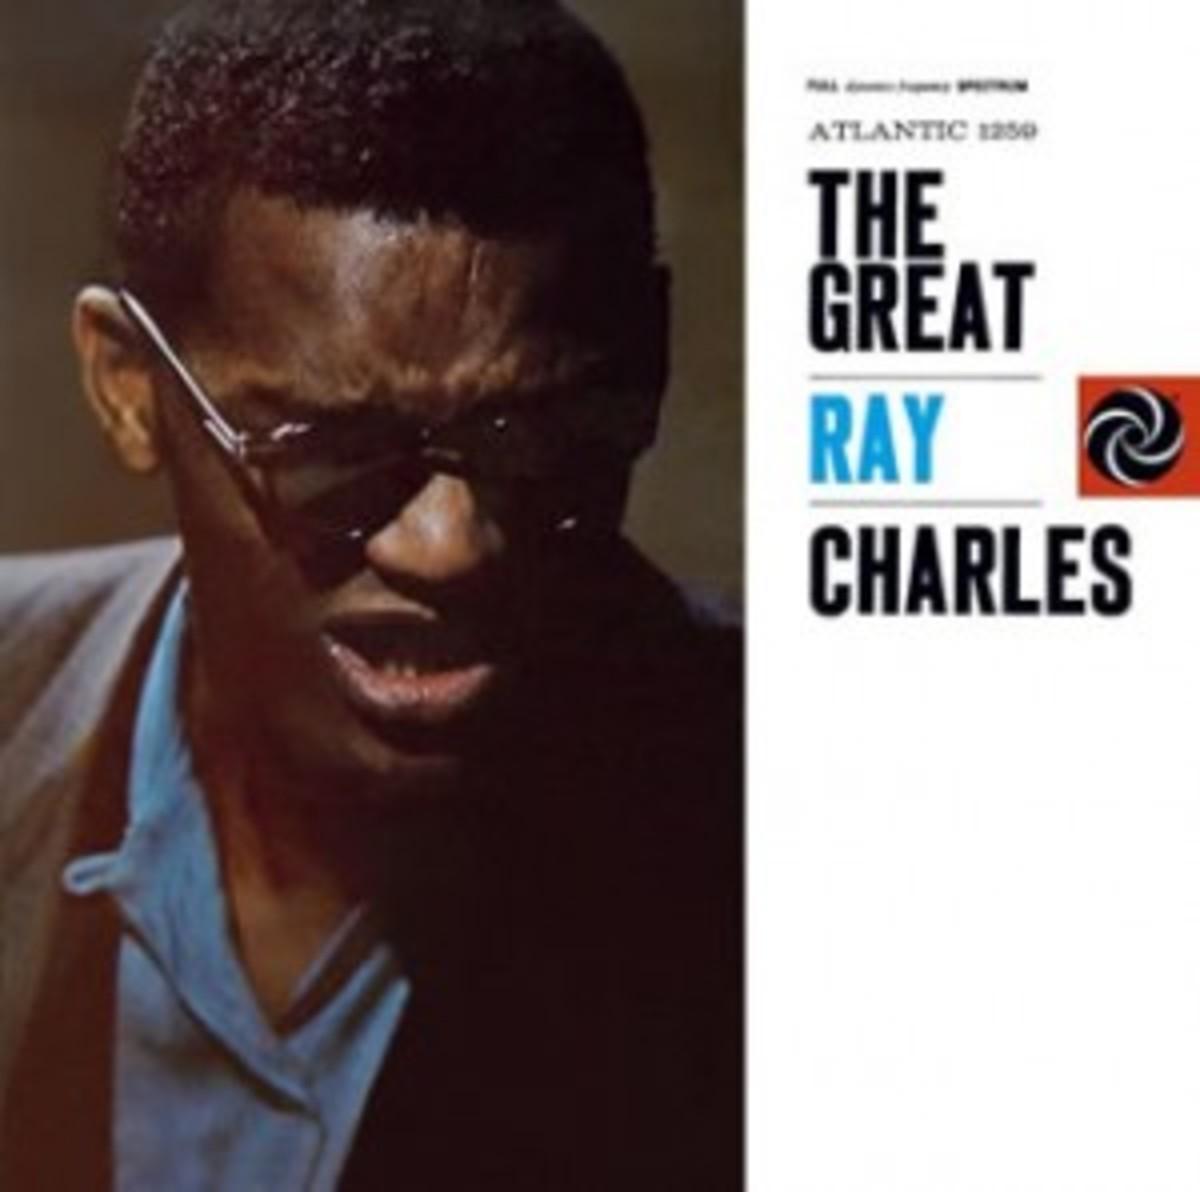 CharlesRay_TheGreatRayCharlesRhino